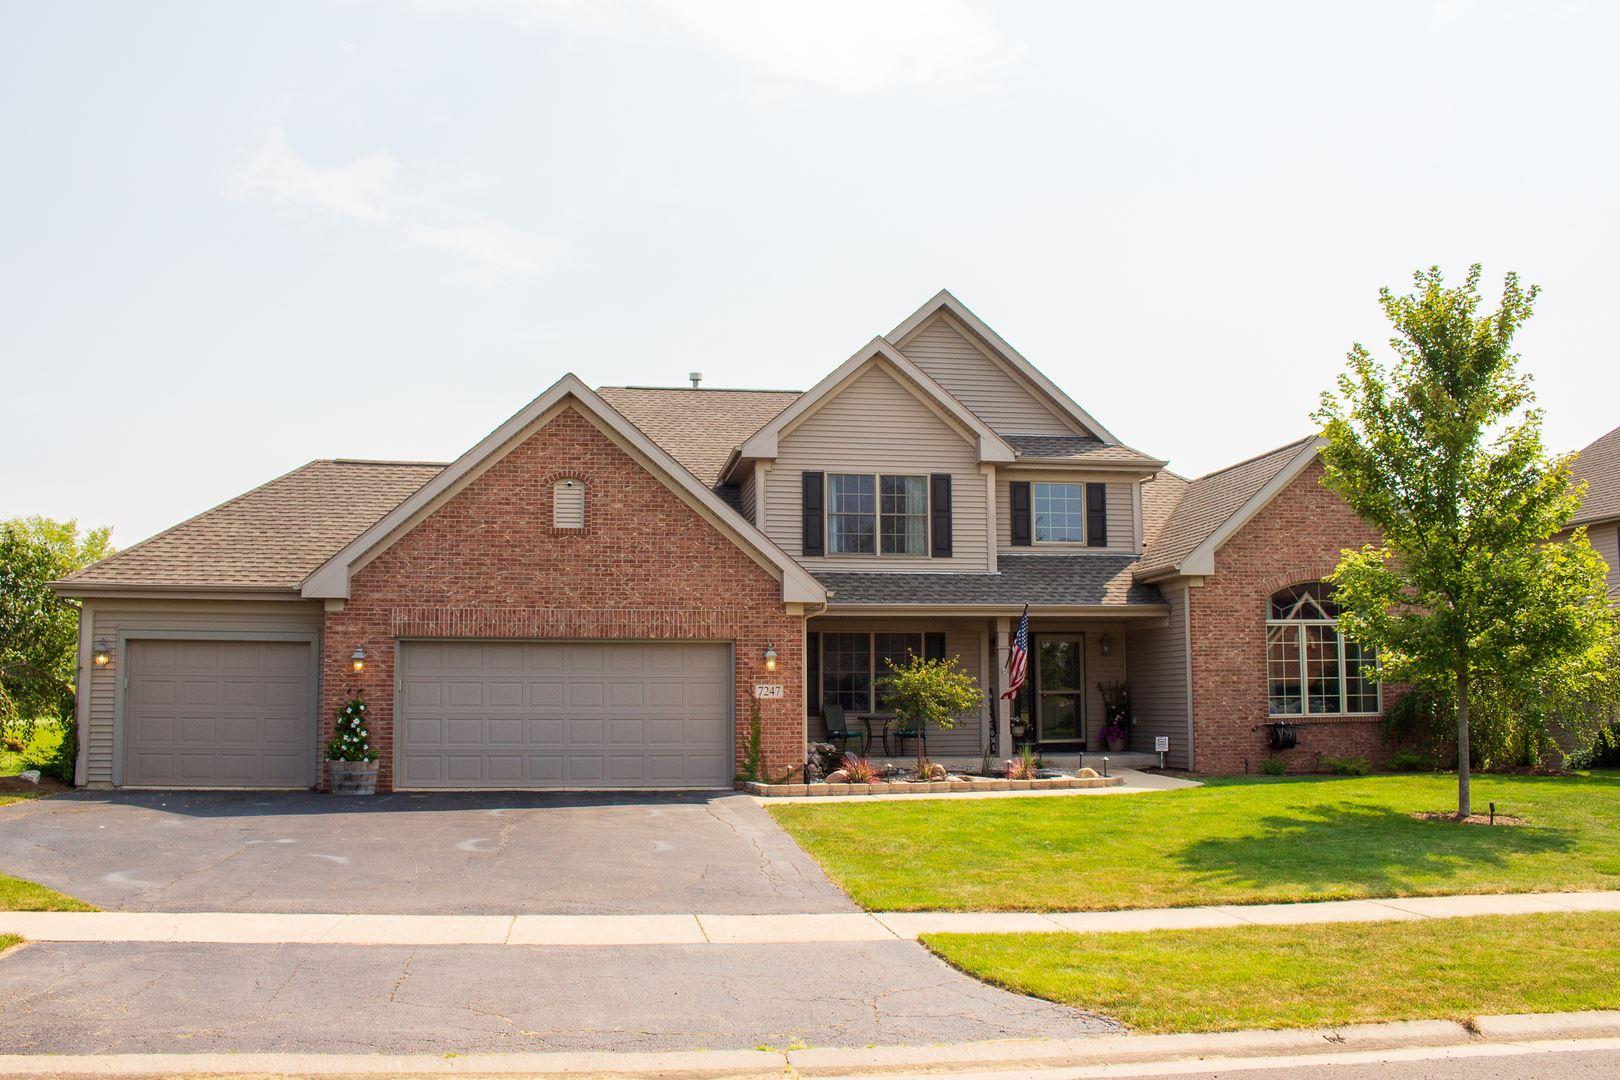 7247 Brimmer Way, Cherry Valley, IL 61016 - #: 10836112